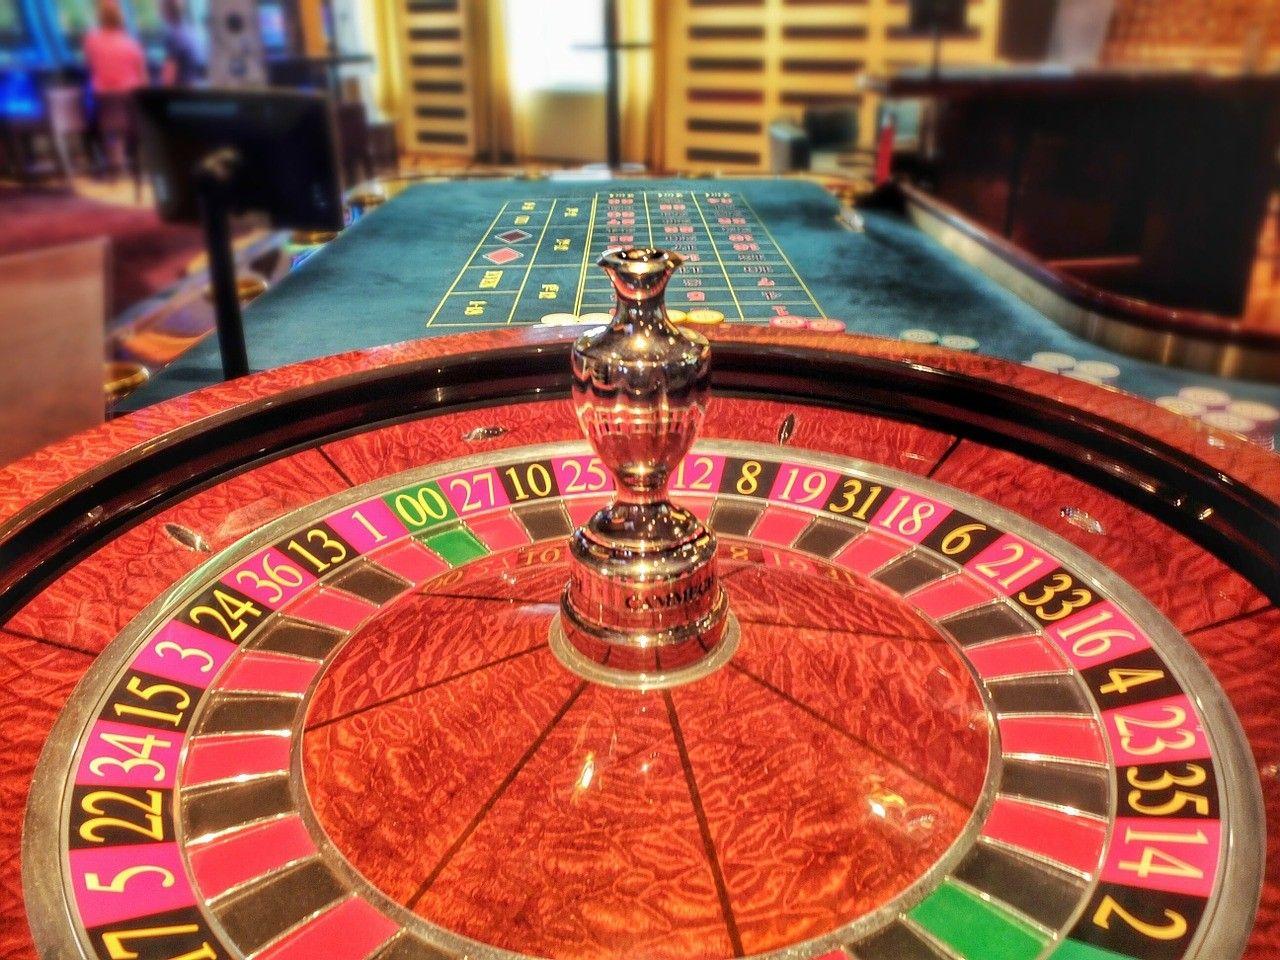 Beginners guide gambling las vegas flash paper gambling